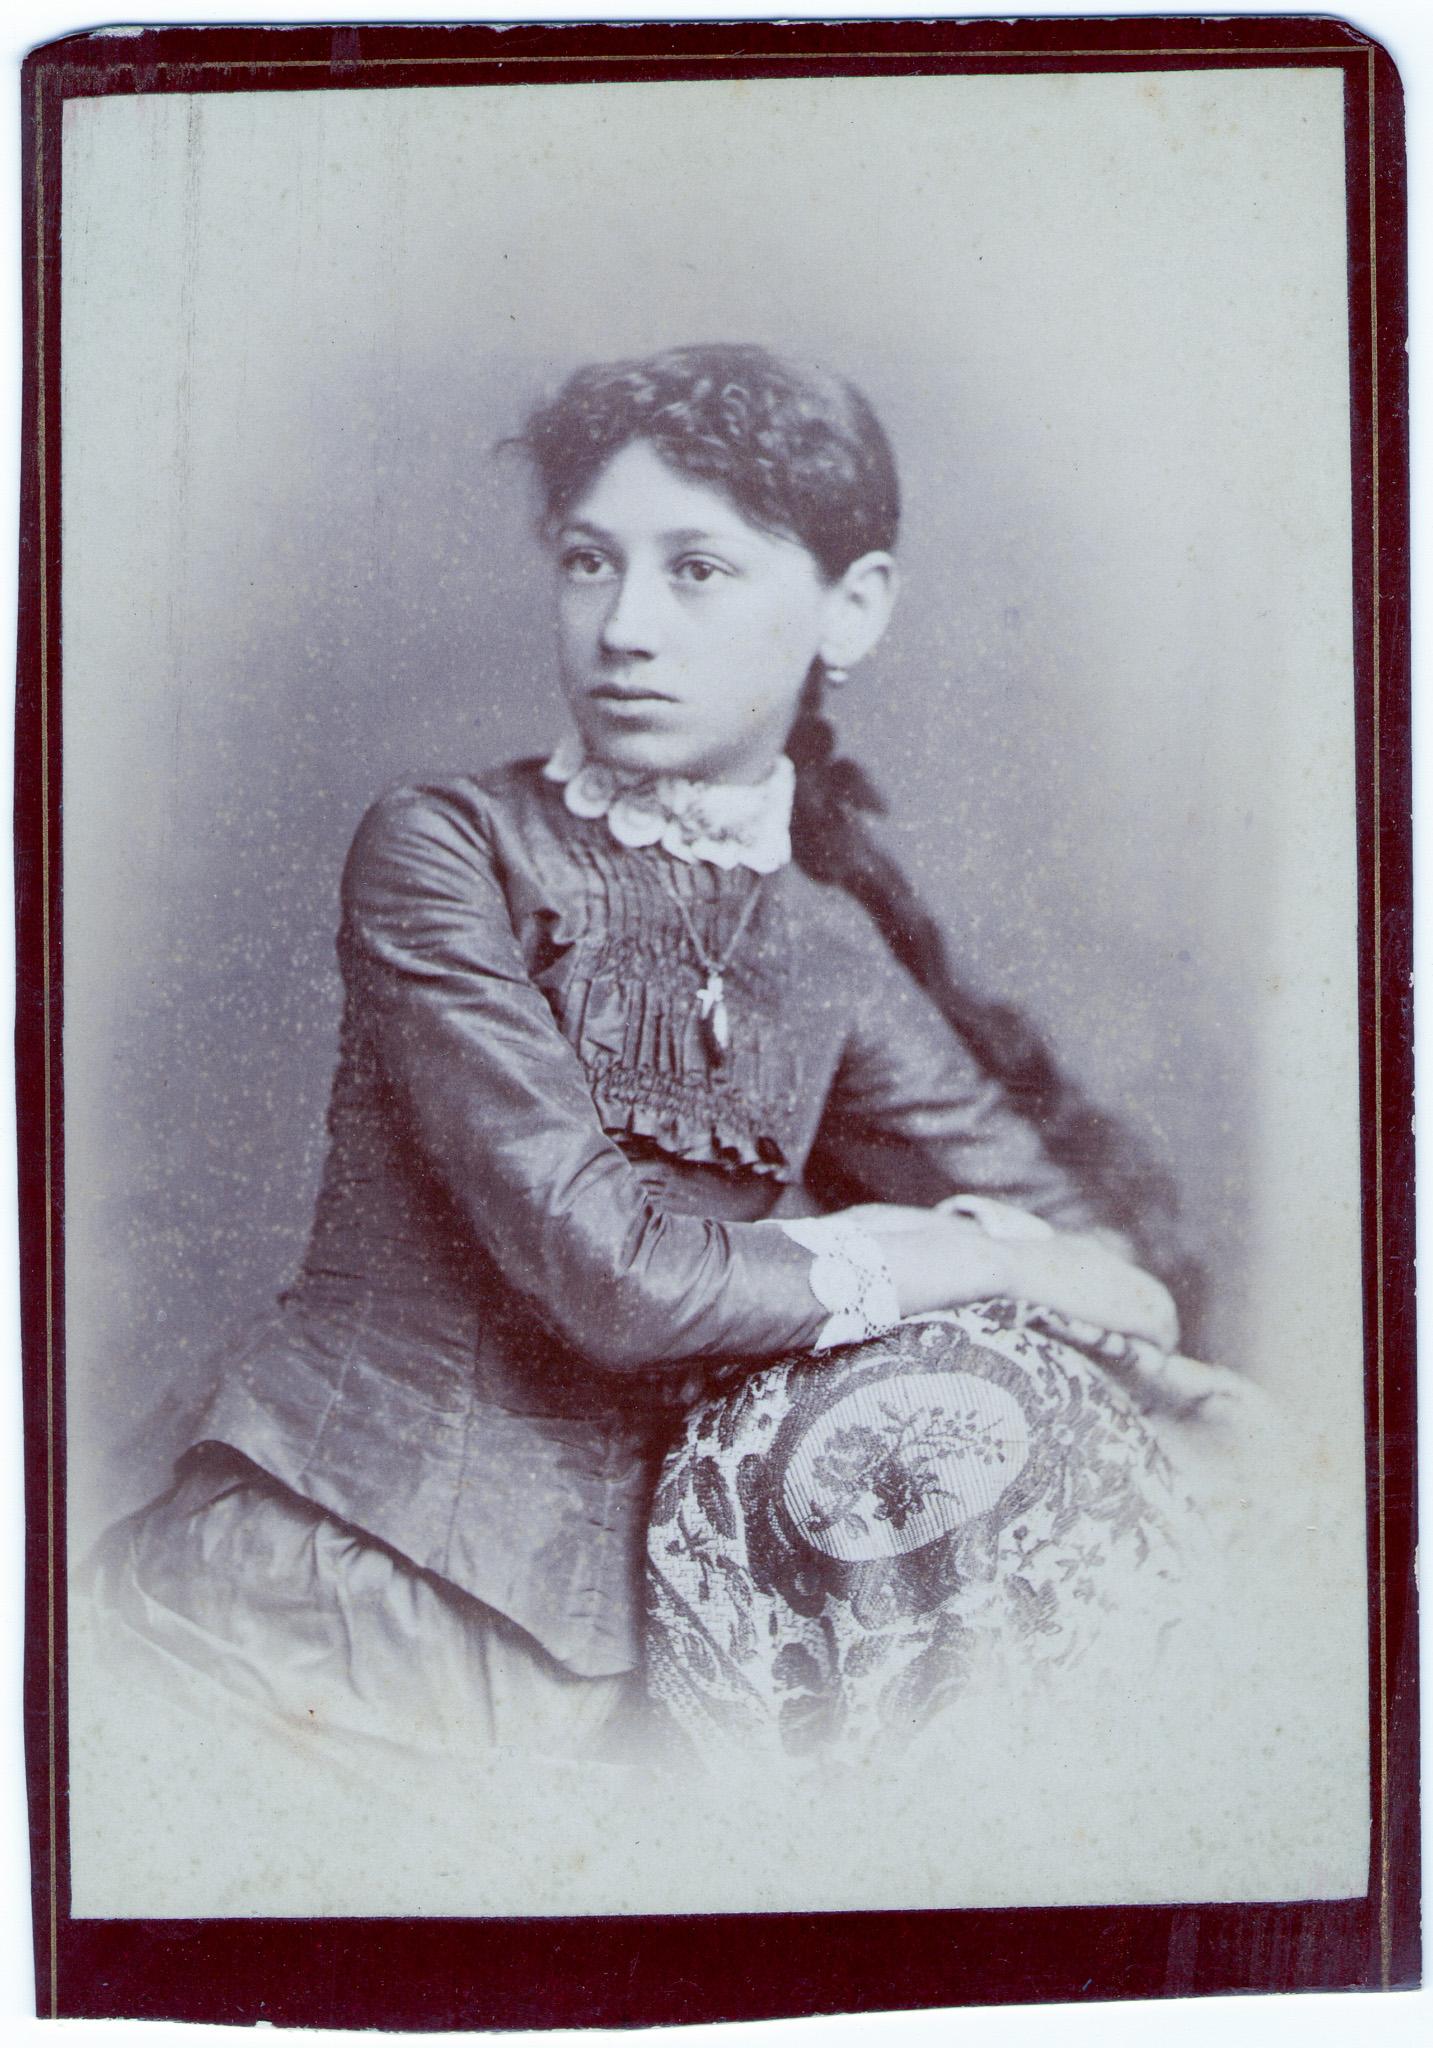 Jane Richards